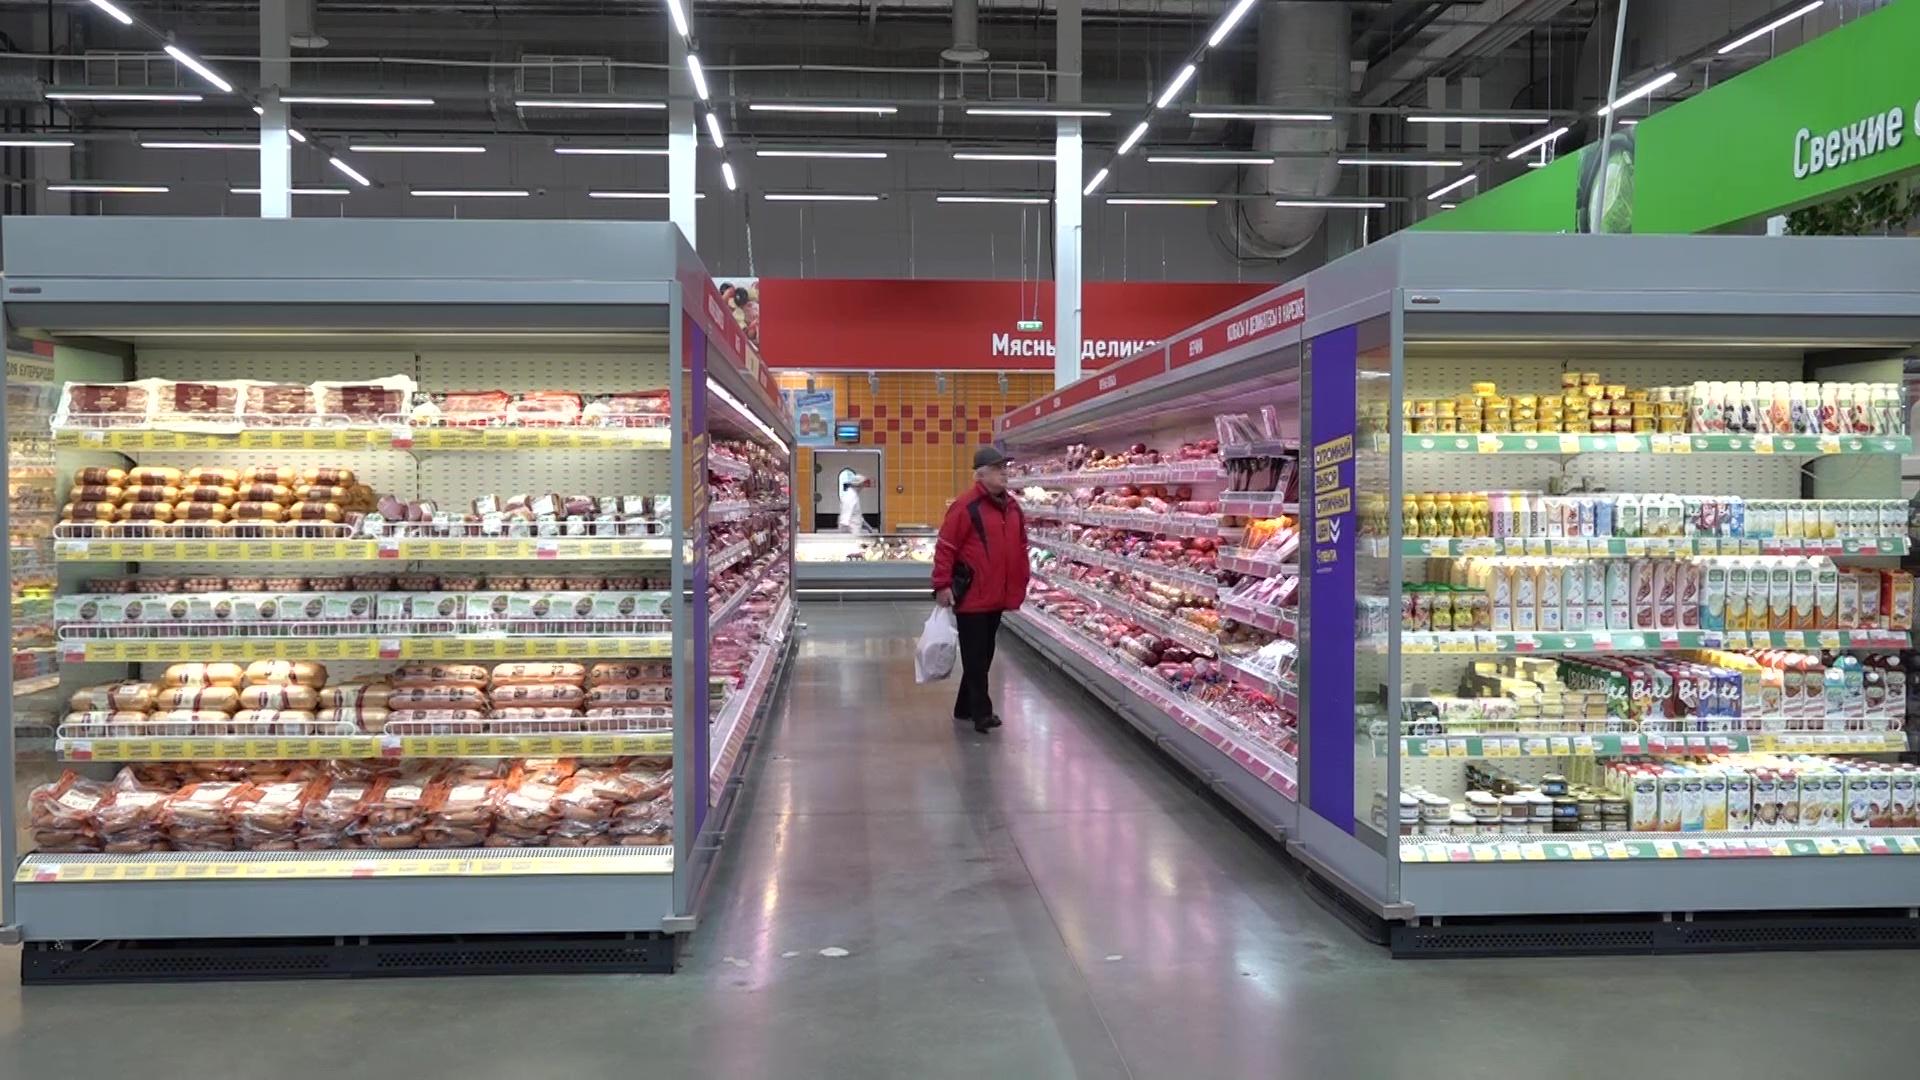 Ярославцы перестали осаждать супермаркеты в поисках гречки и макарон